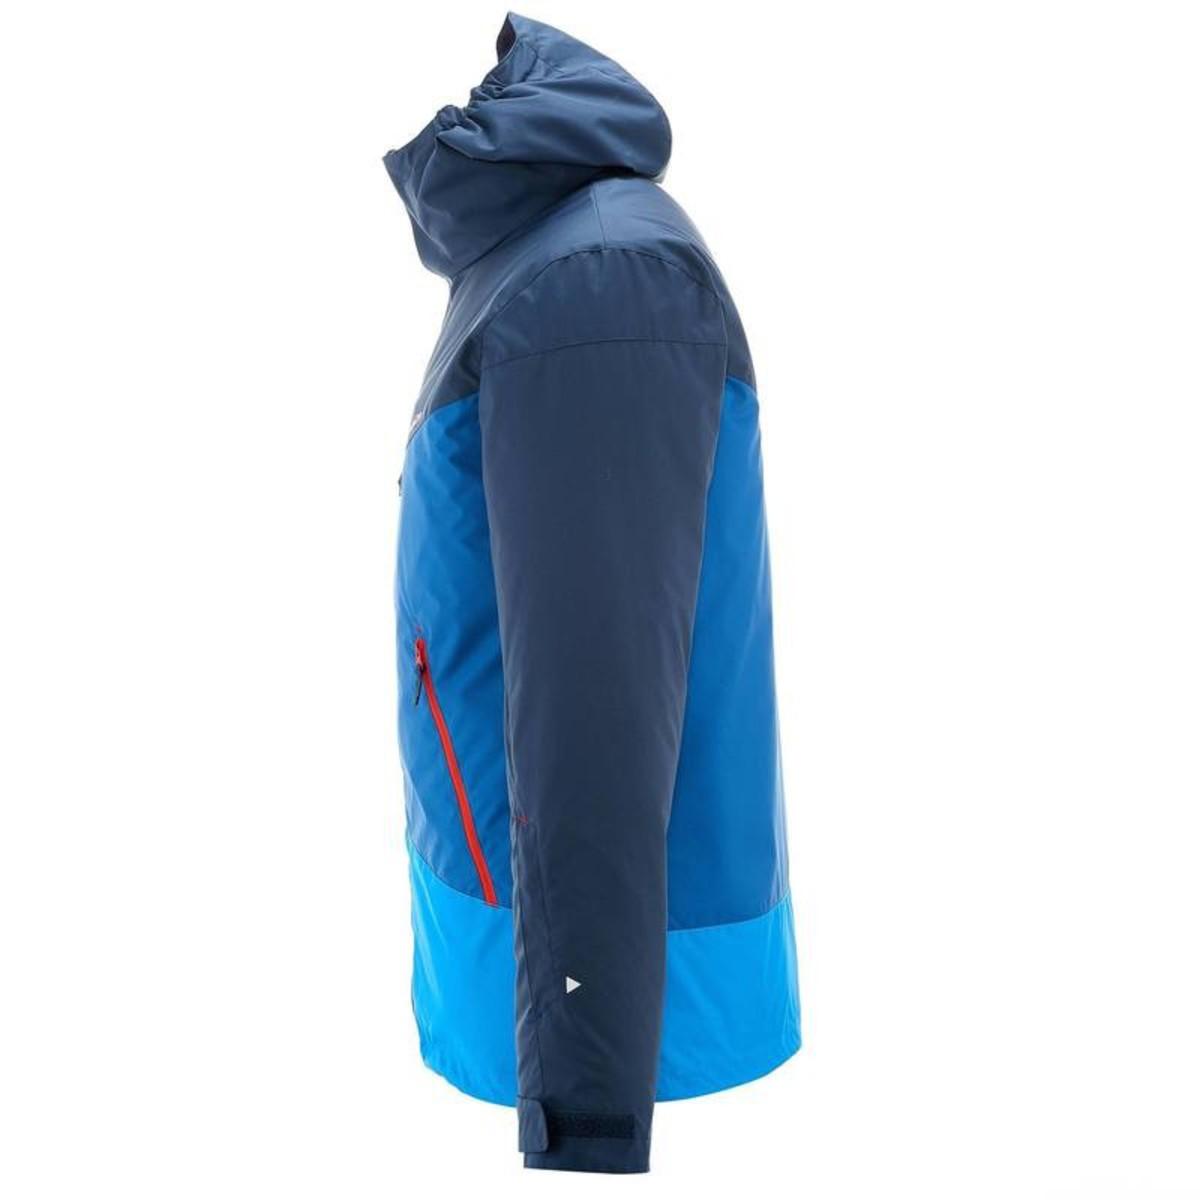 Bild 4 von WED´ZE Skijacke Slide 300 Herren blau, Größe: S